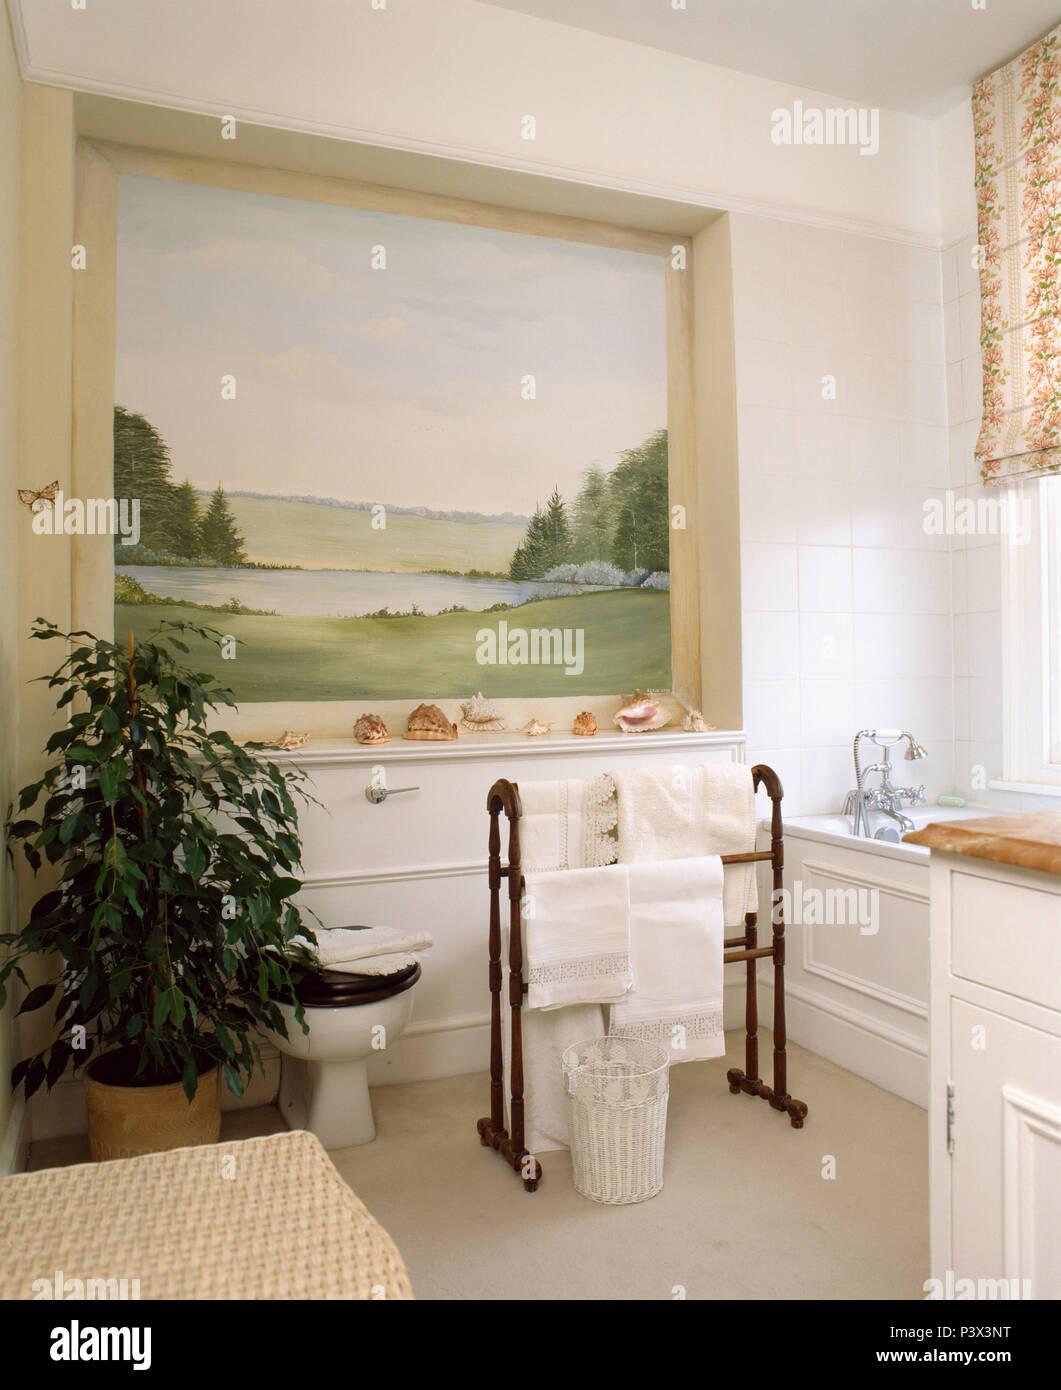 Große Landschaft Wandbild in der Nische über Badewanne im Badezimmer ...